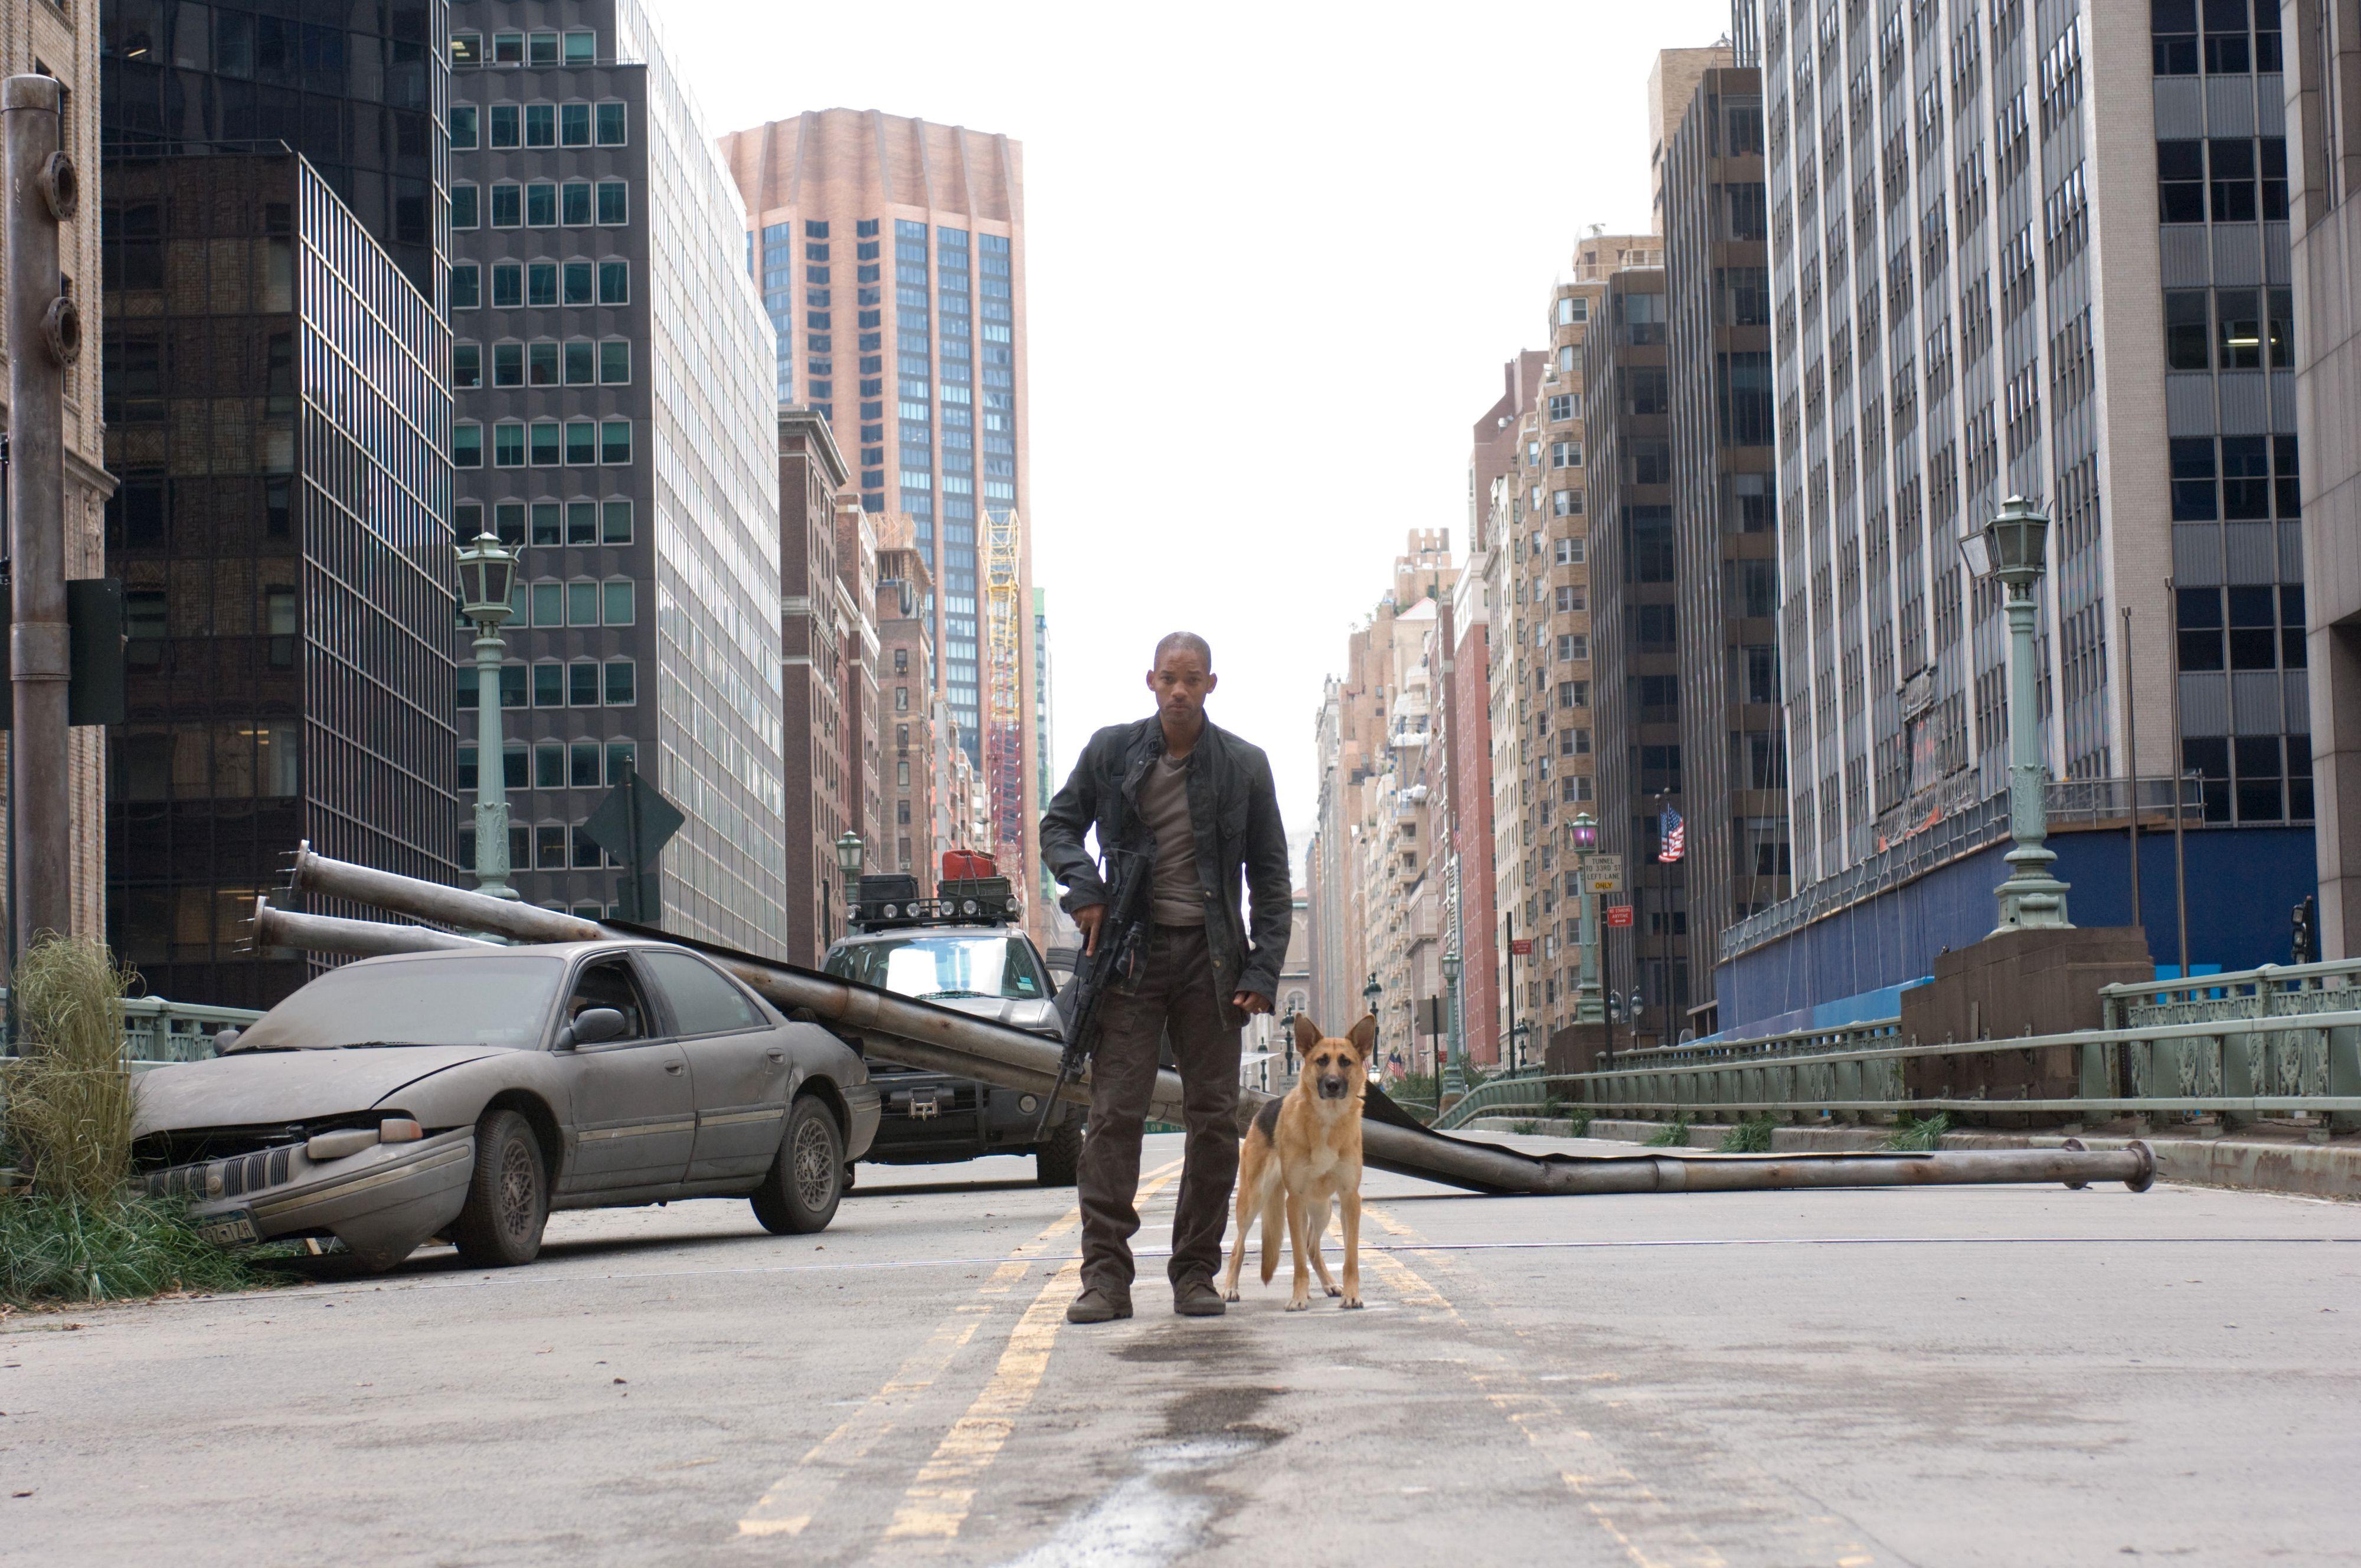 Robert Neville er helt alene i New York. Eller?